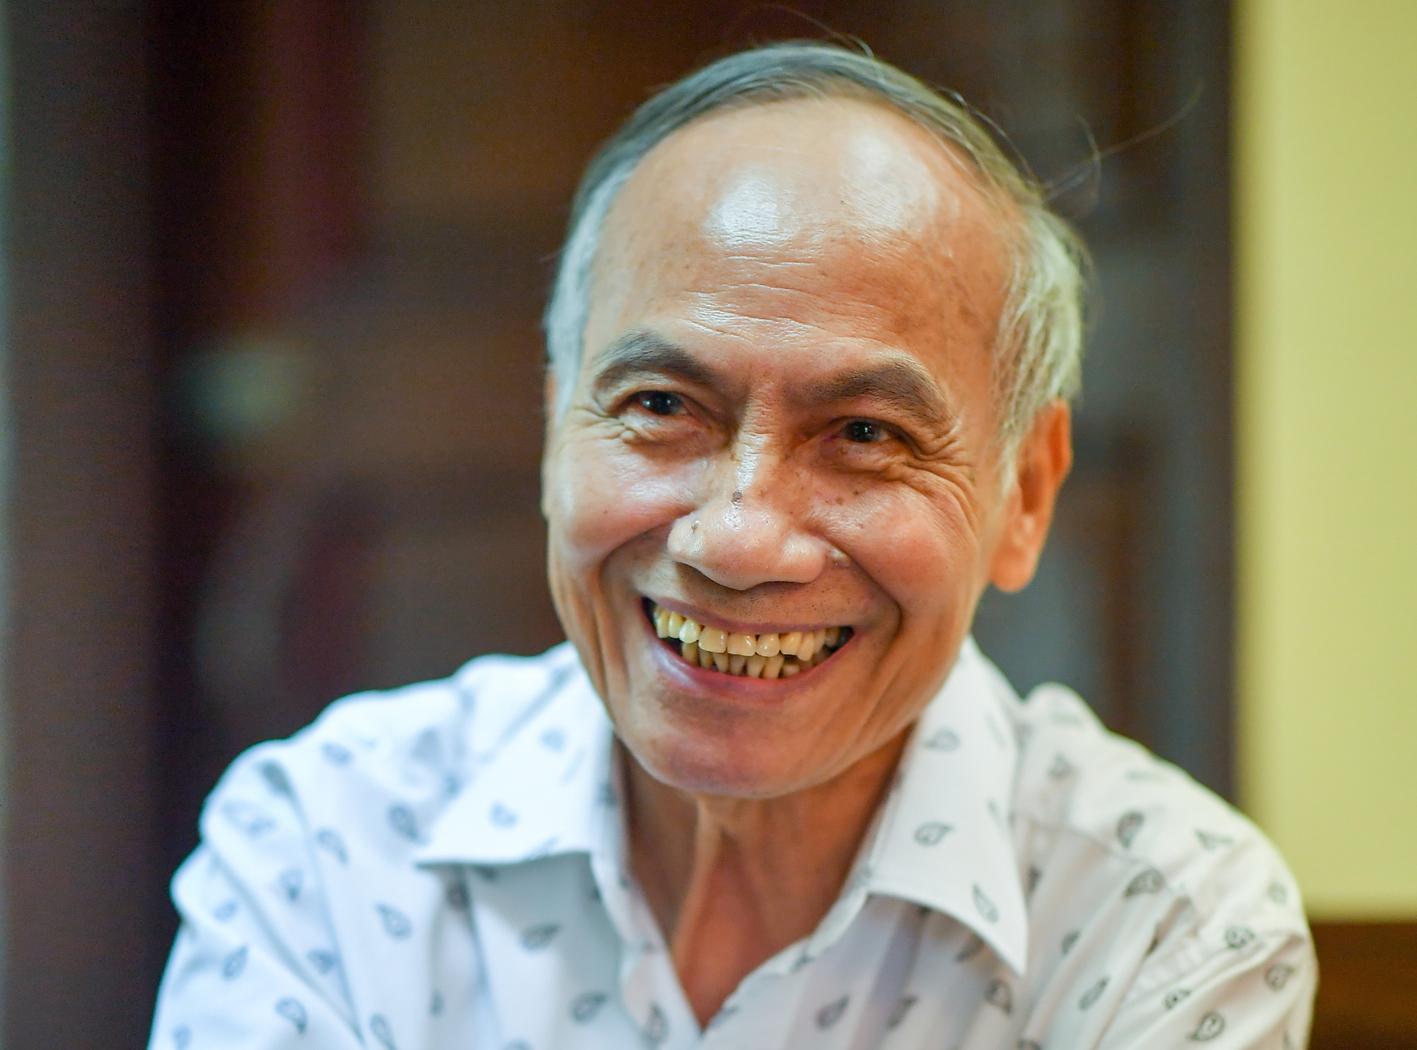 PGS.TSKH Nguyễn Kế Hào, Nguyên Vụ trưởng Vụ Giáo dục Tiểu học